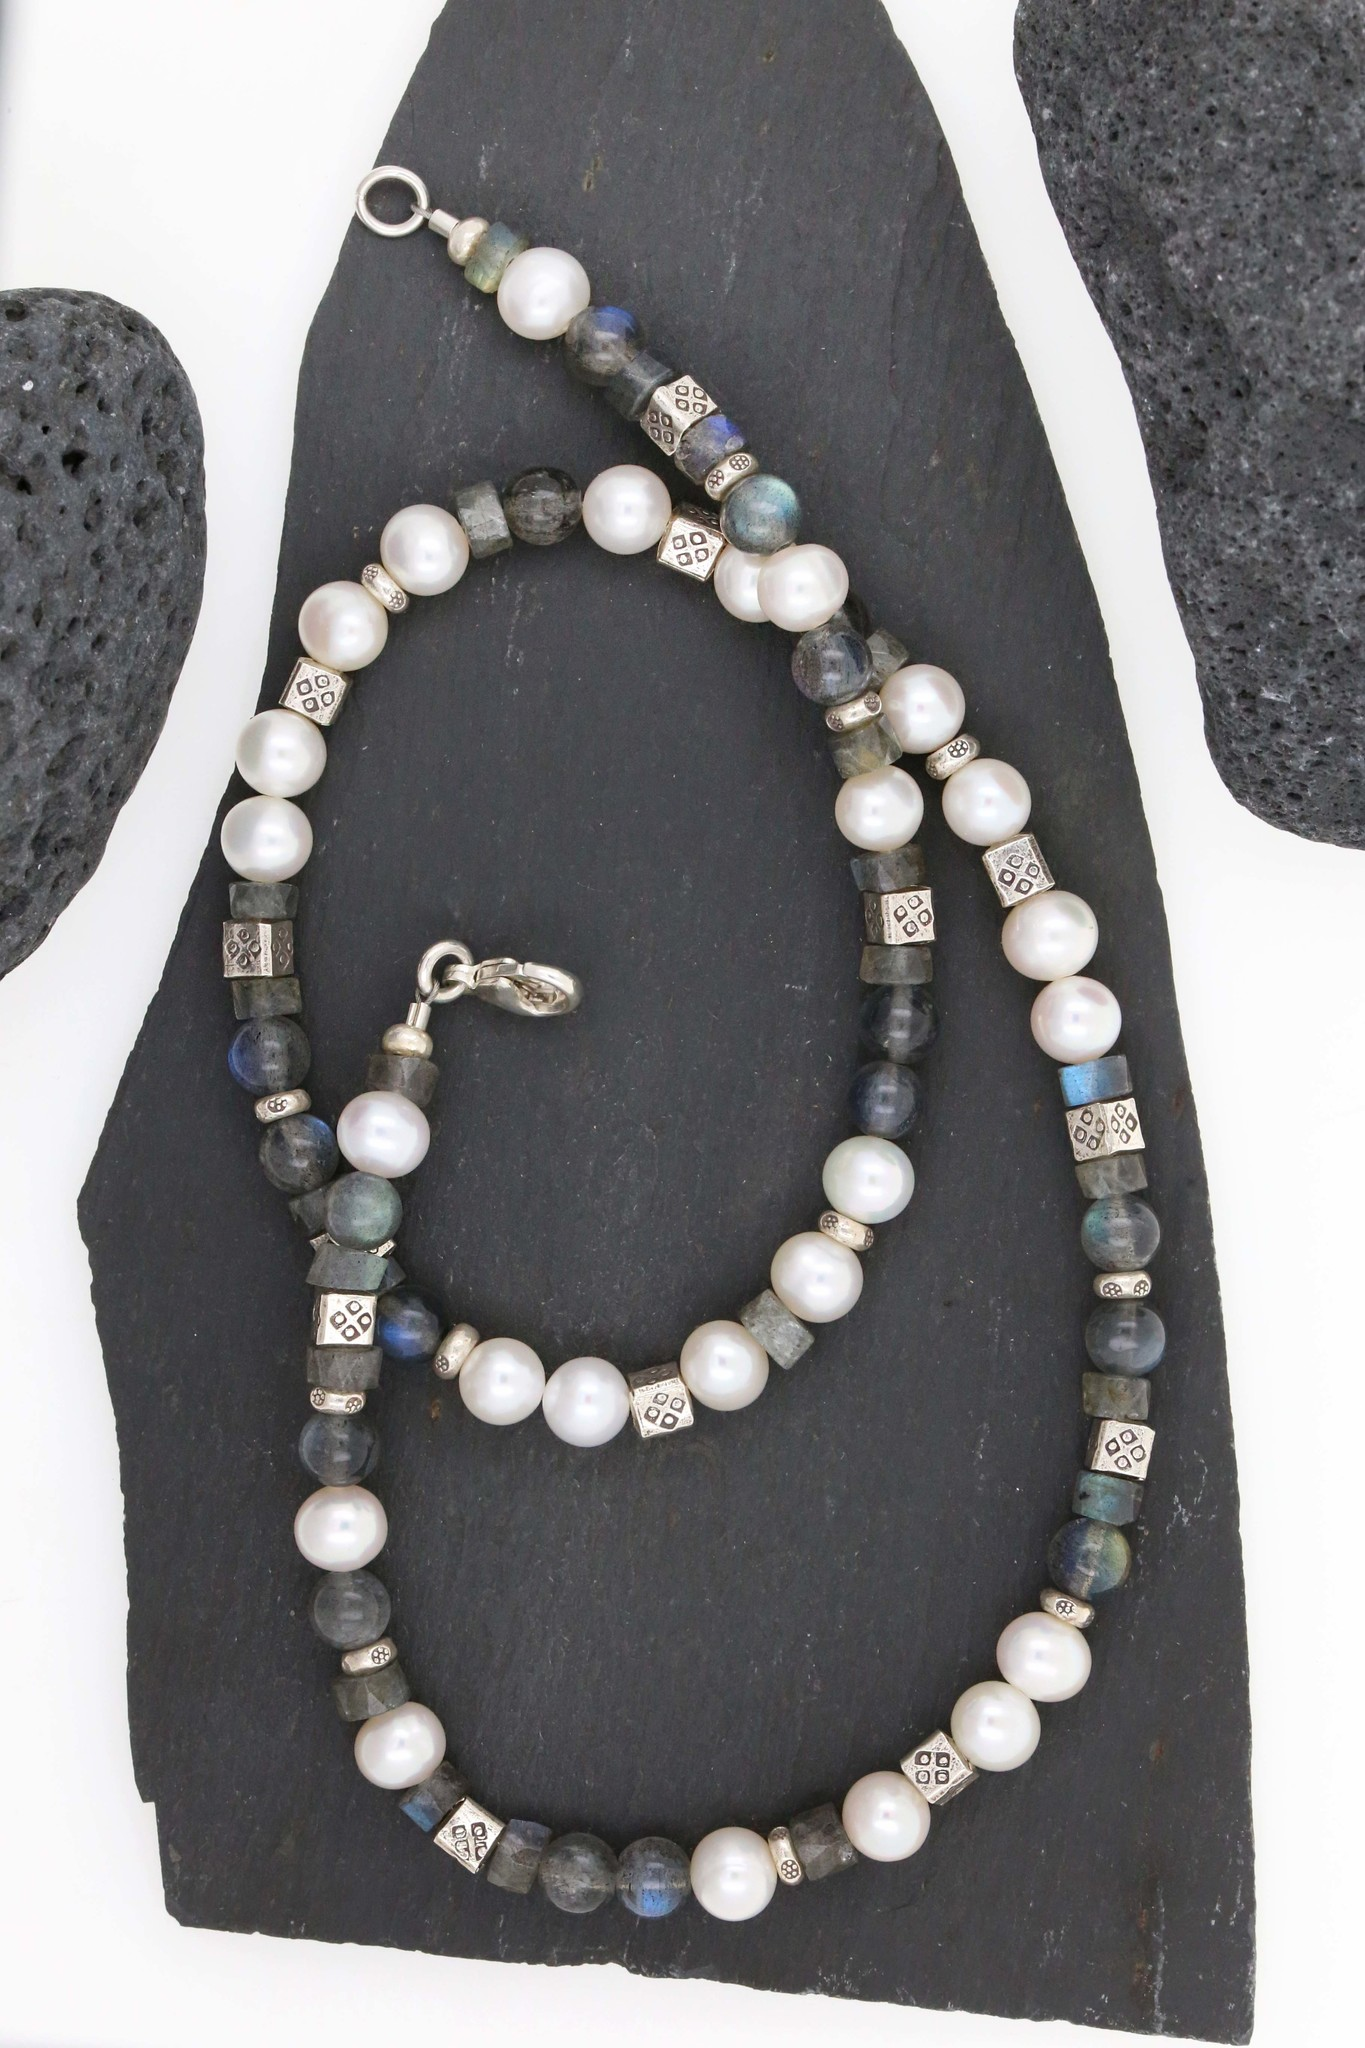 Halskette aus Labradorit, SW-Perle und Silberelemente, klein